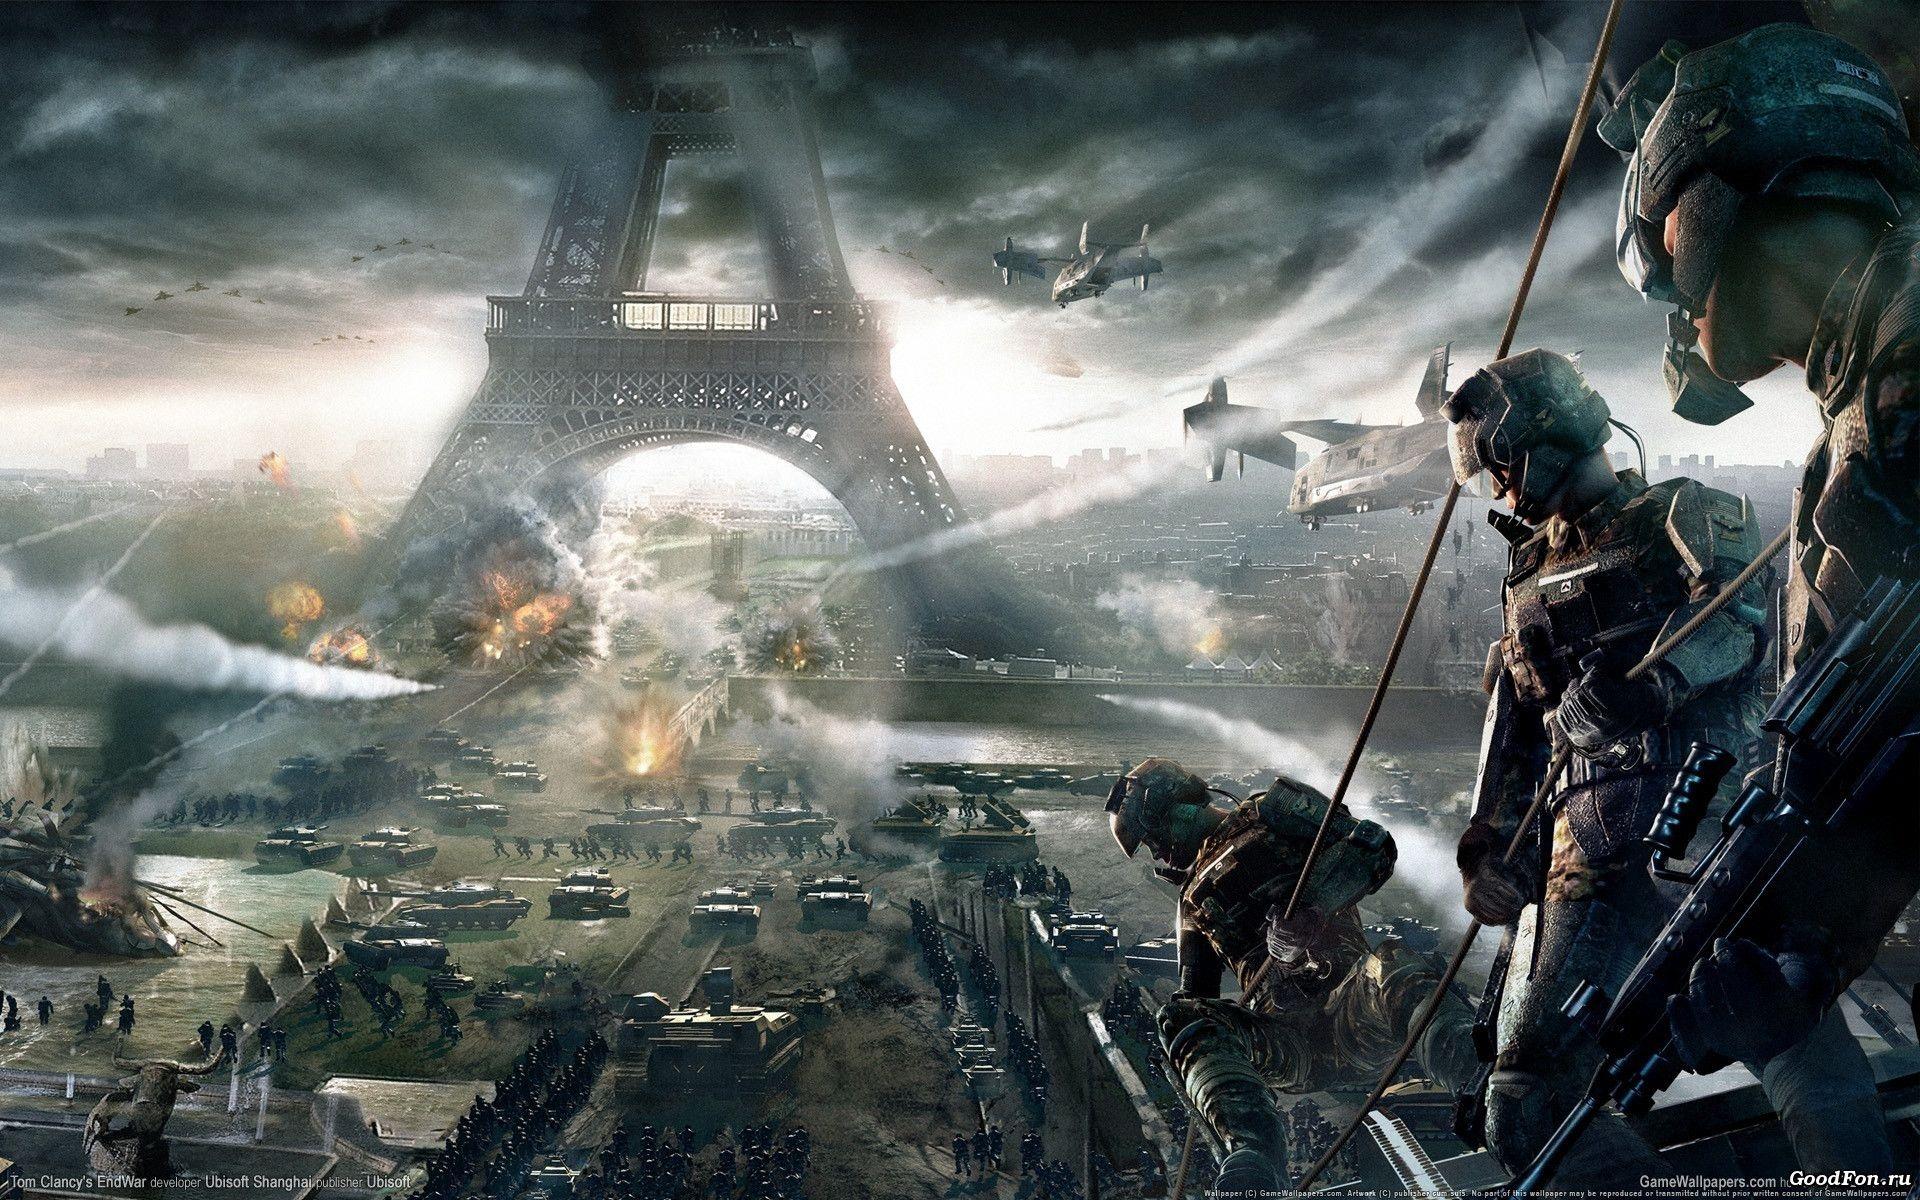 Call of Duty: Modern Warfare 3 - Teaser Trailer